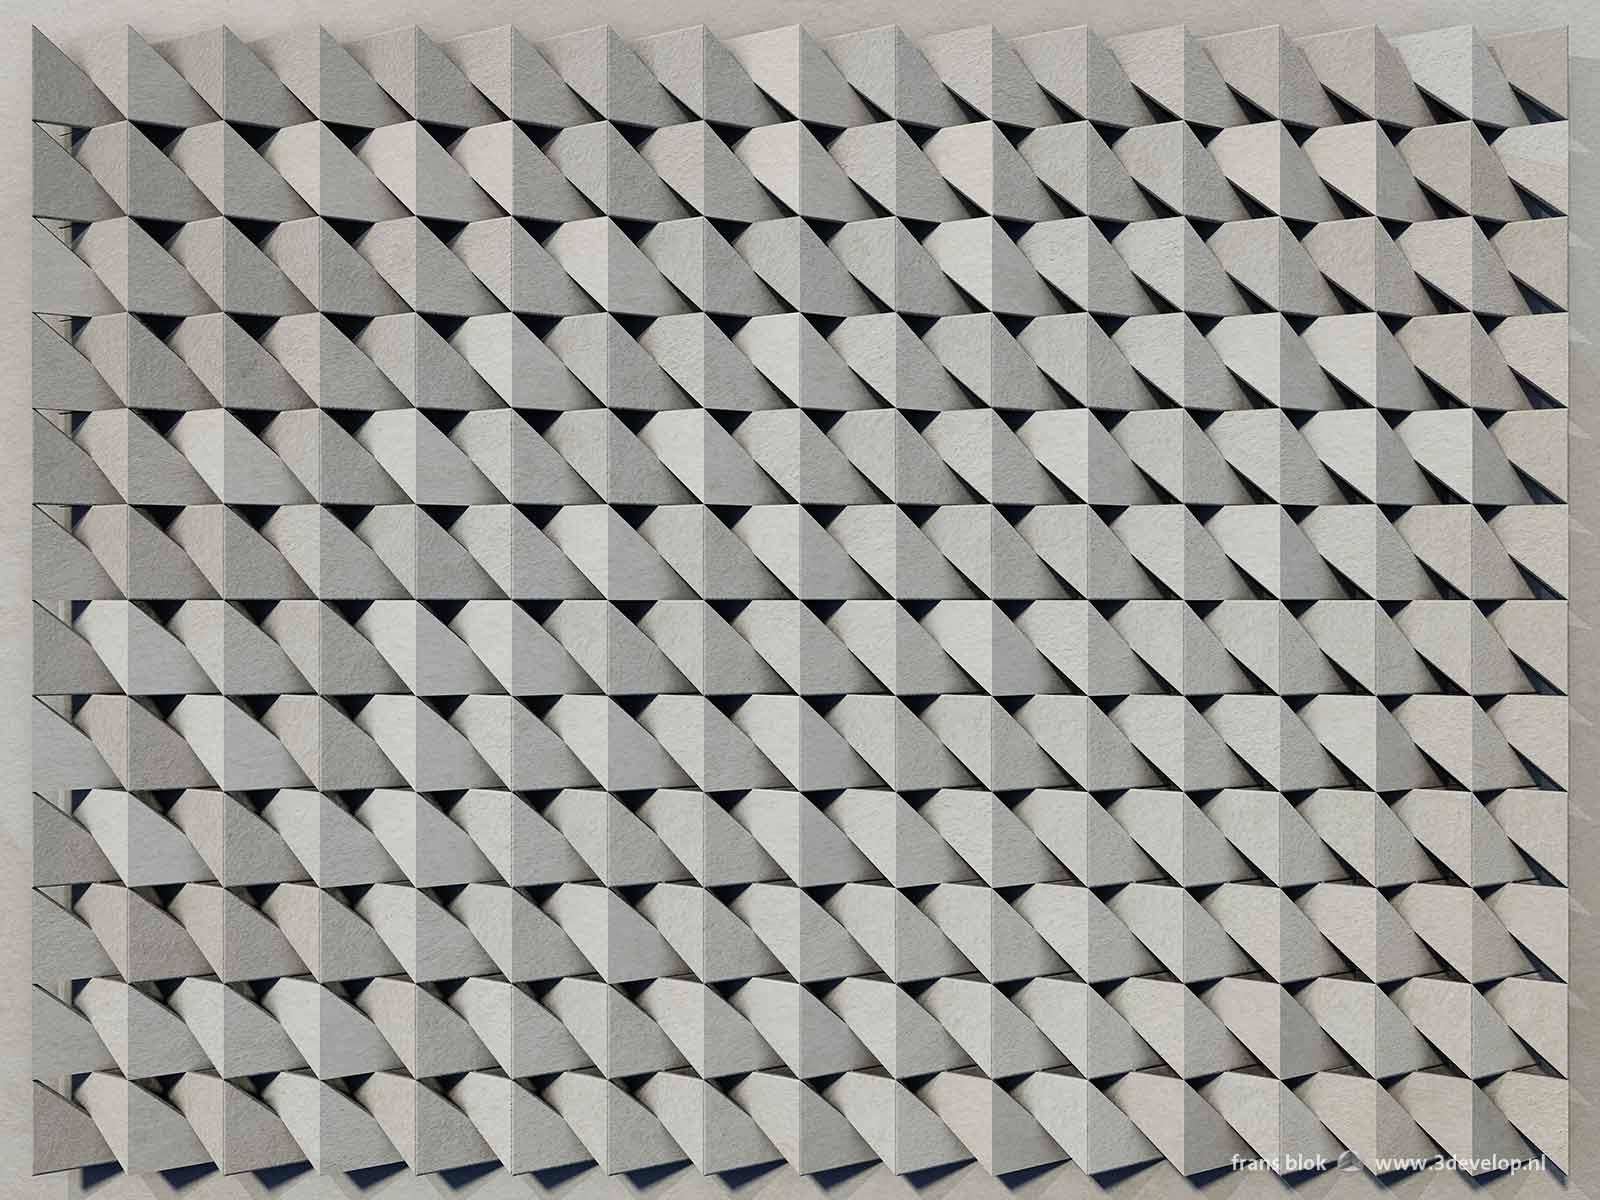 Een virtueel reliëf, dat op het platte vlak de illusie van diepte wekt, gemaakt als herhaling van een eenvoudige vorm, uitgevoerd in grijs karton